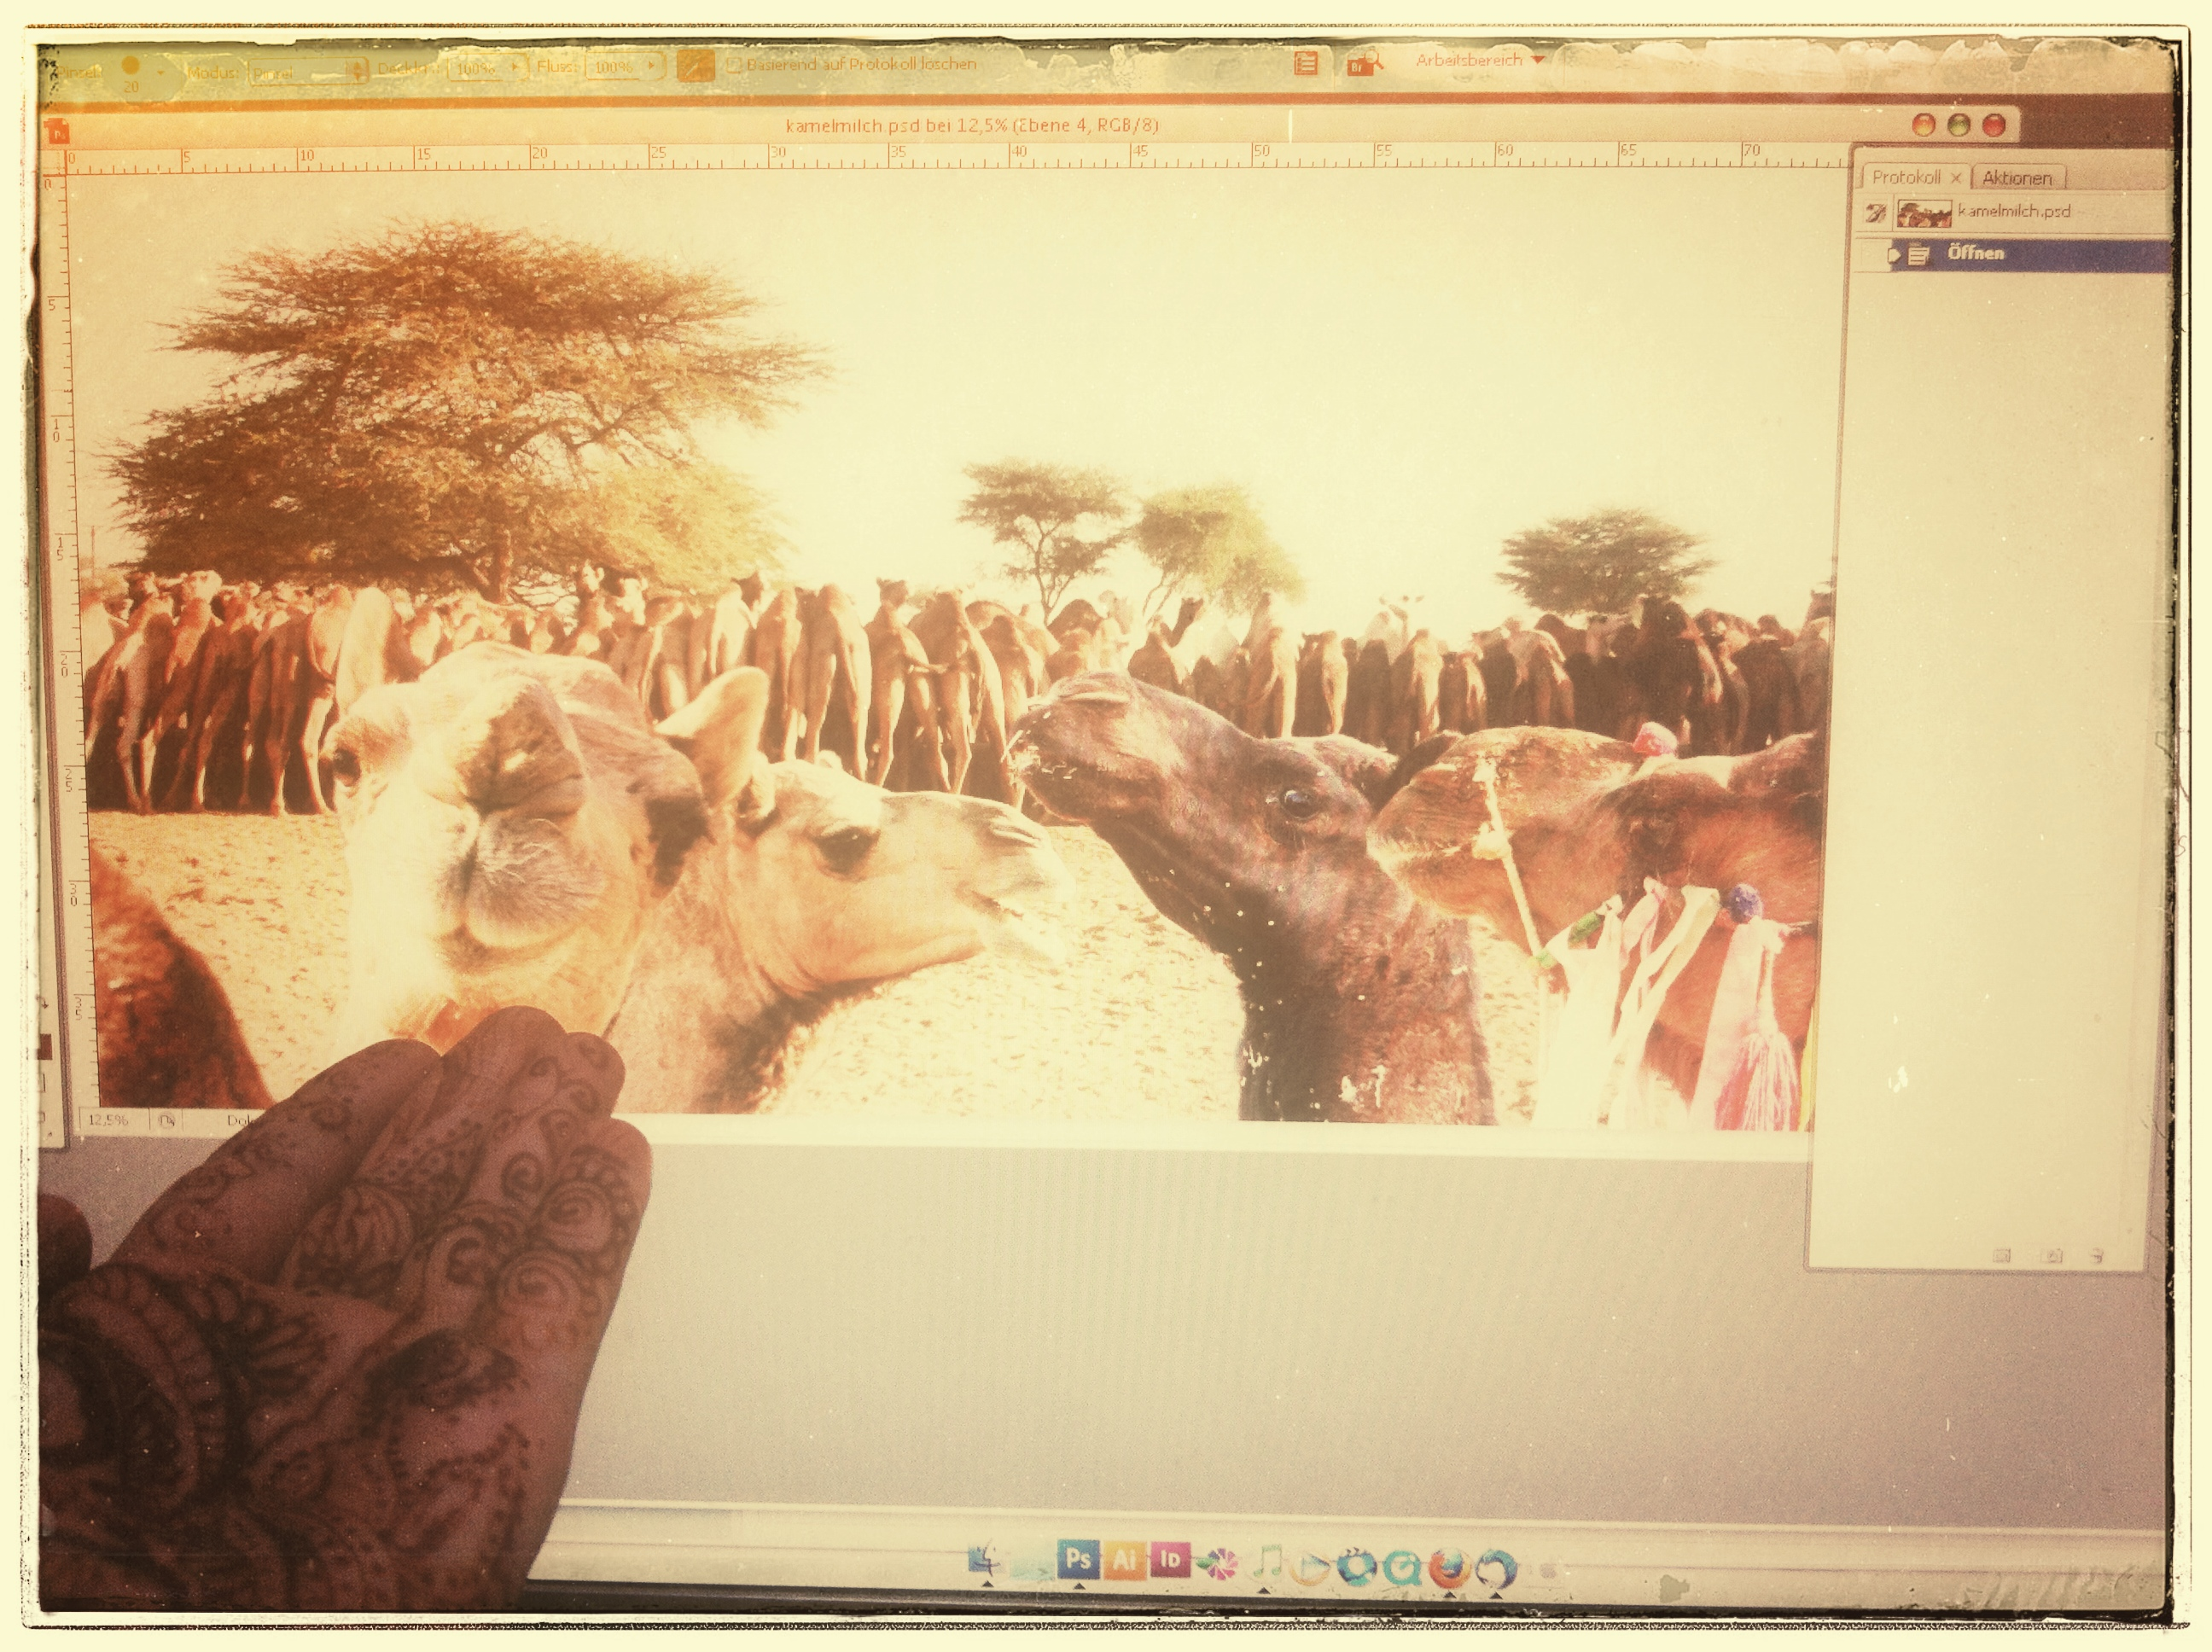 Kamele füttern & Bilder bearbeiten.